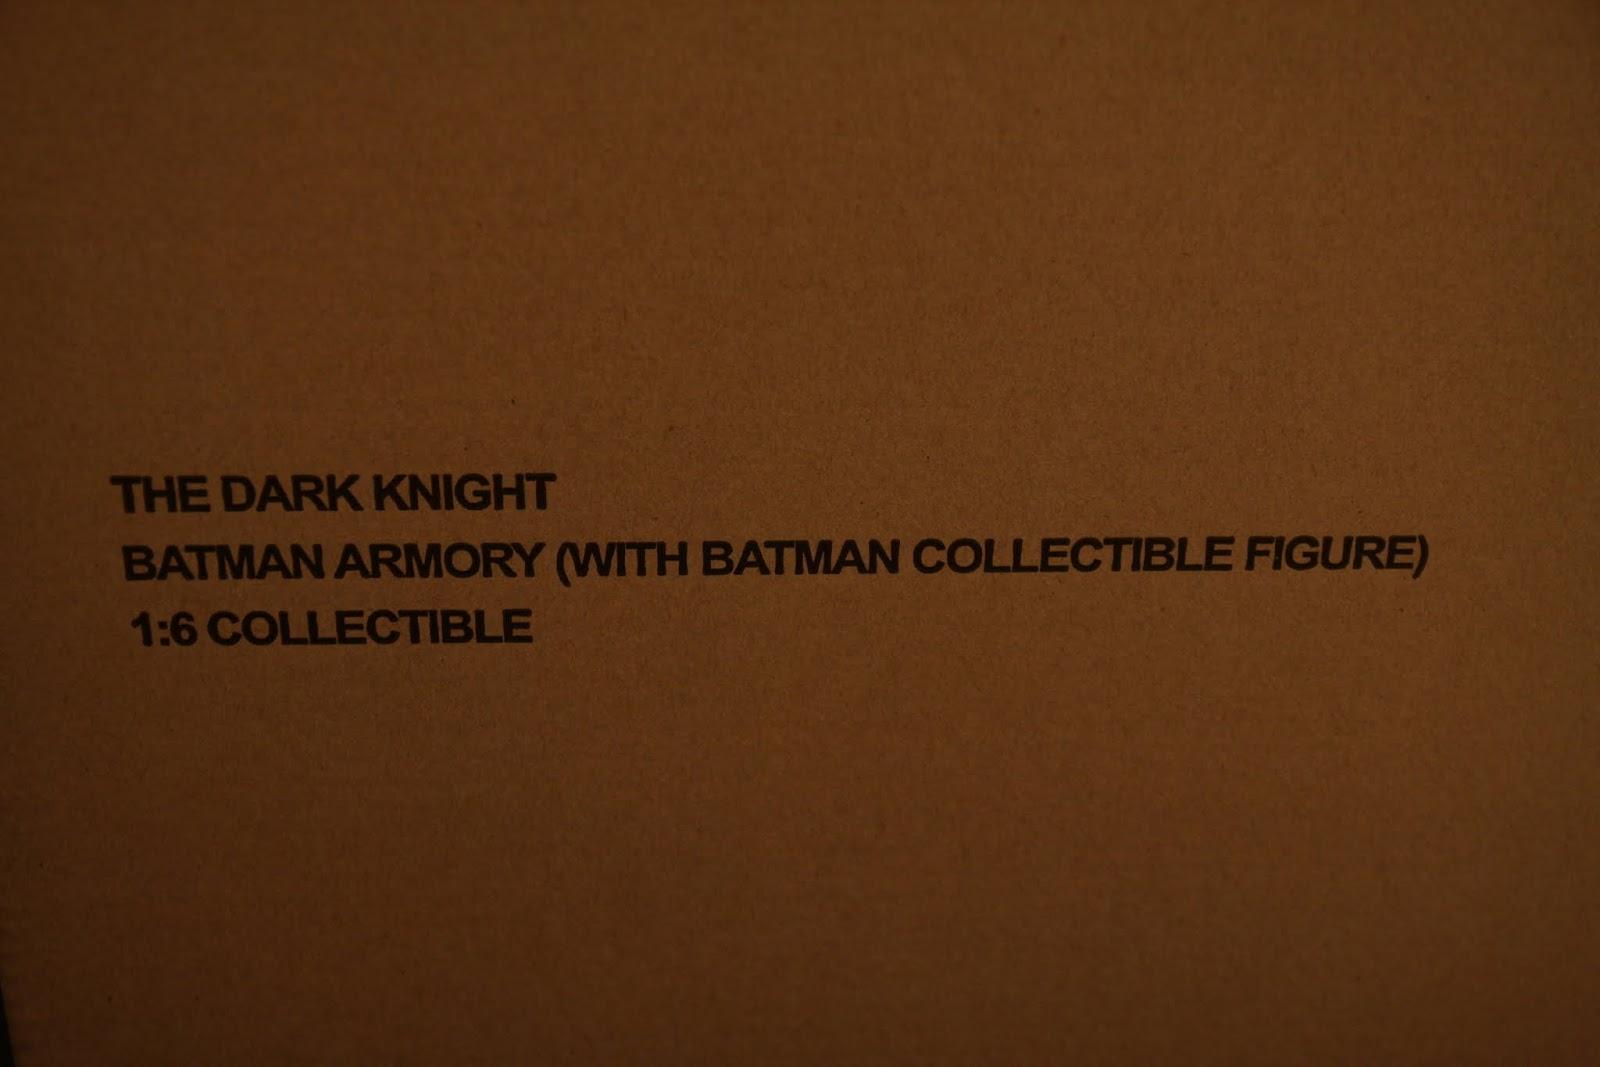 品項直接寫在盒子上, 1/6的大小